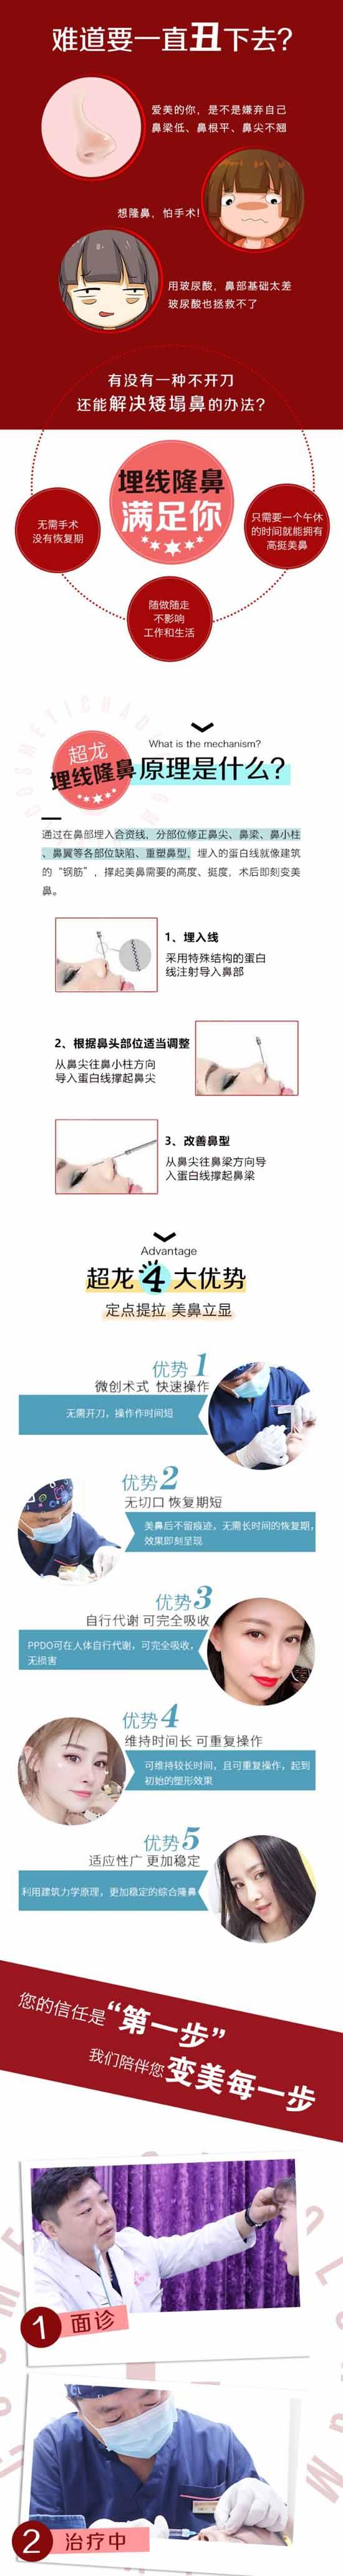 大庆超龙埋线隆鼻 不动刀 30分钟做完无需拆线 安全性高